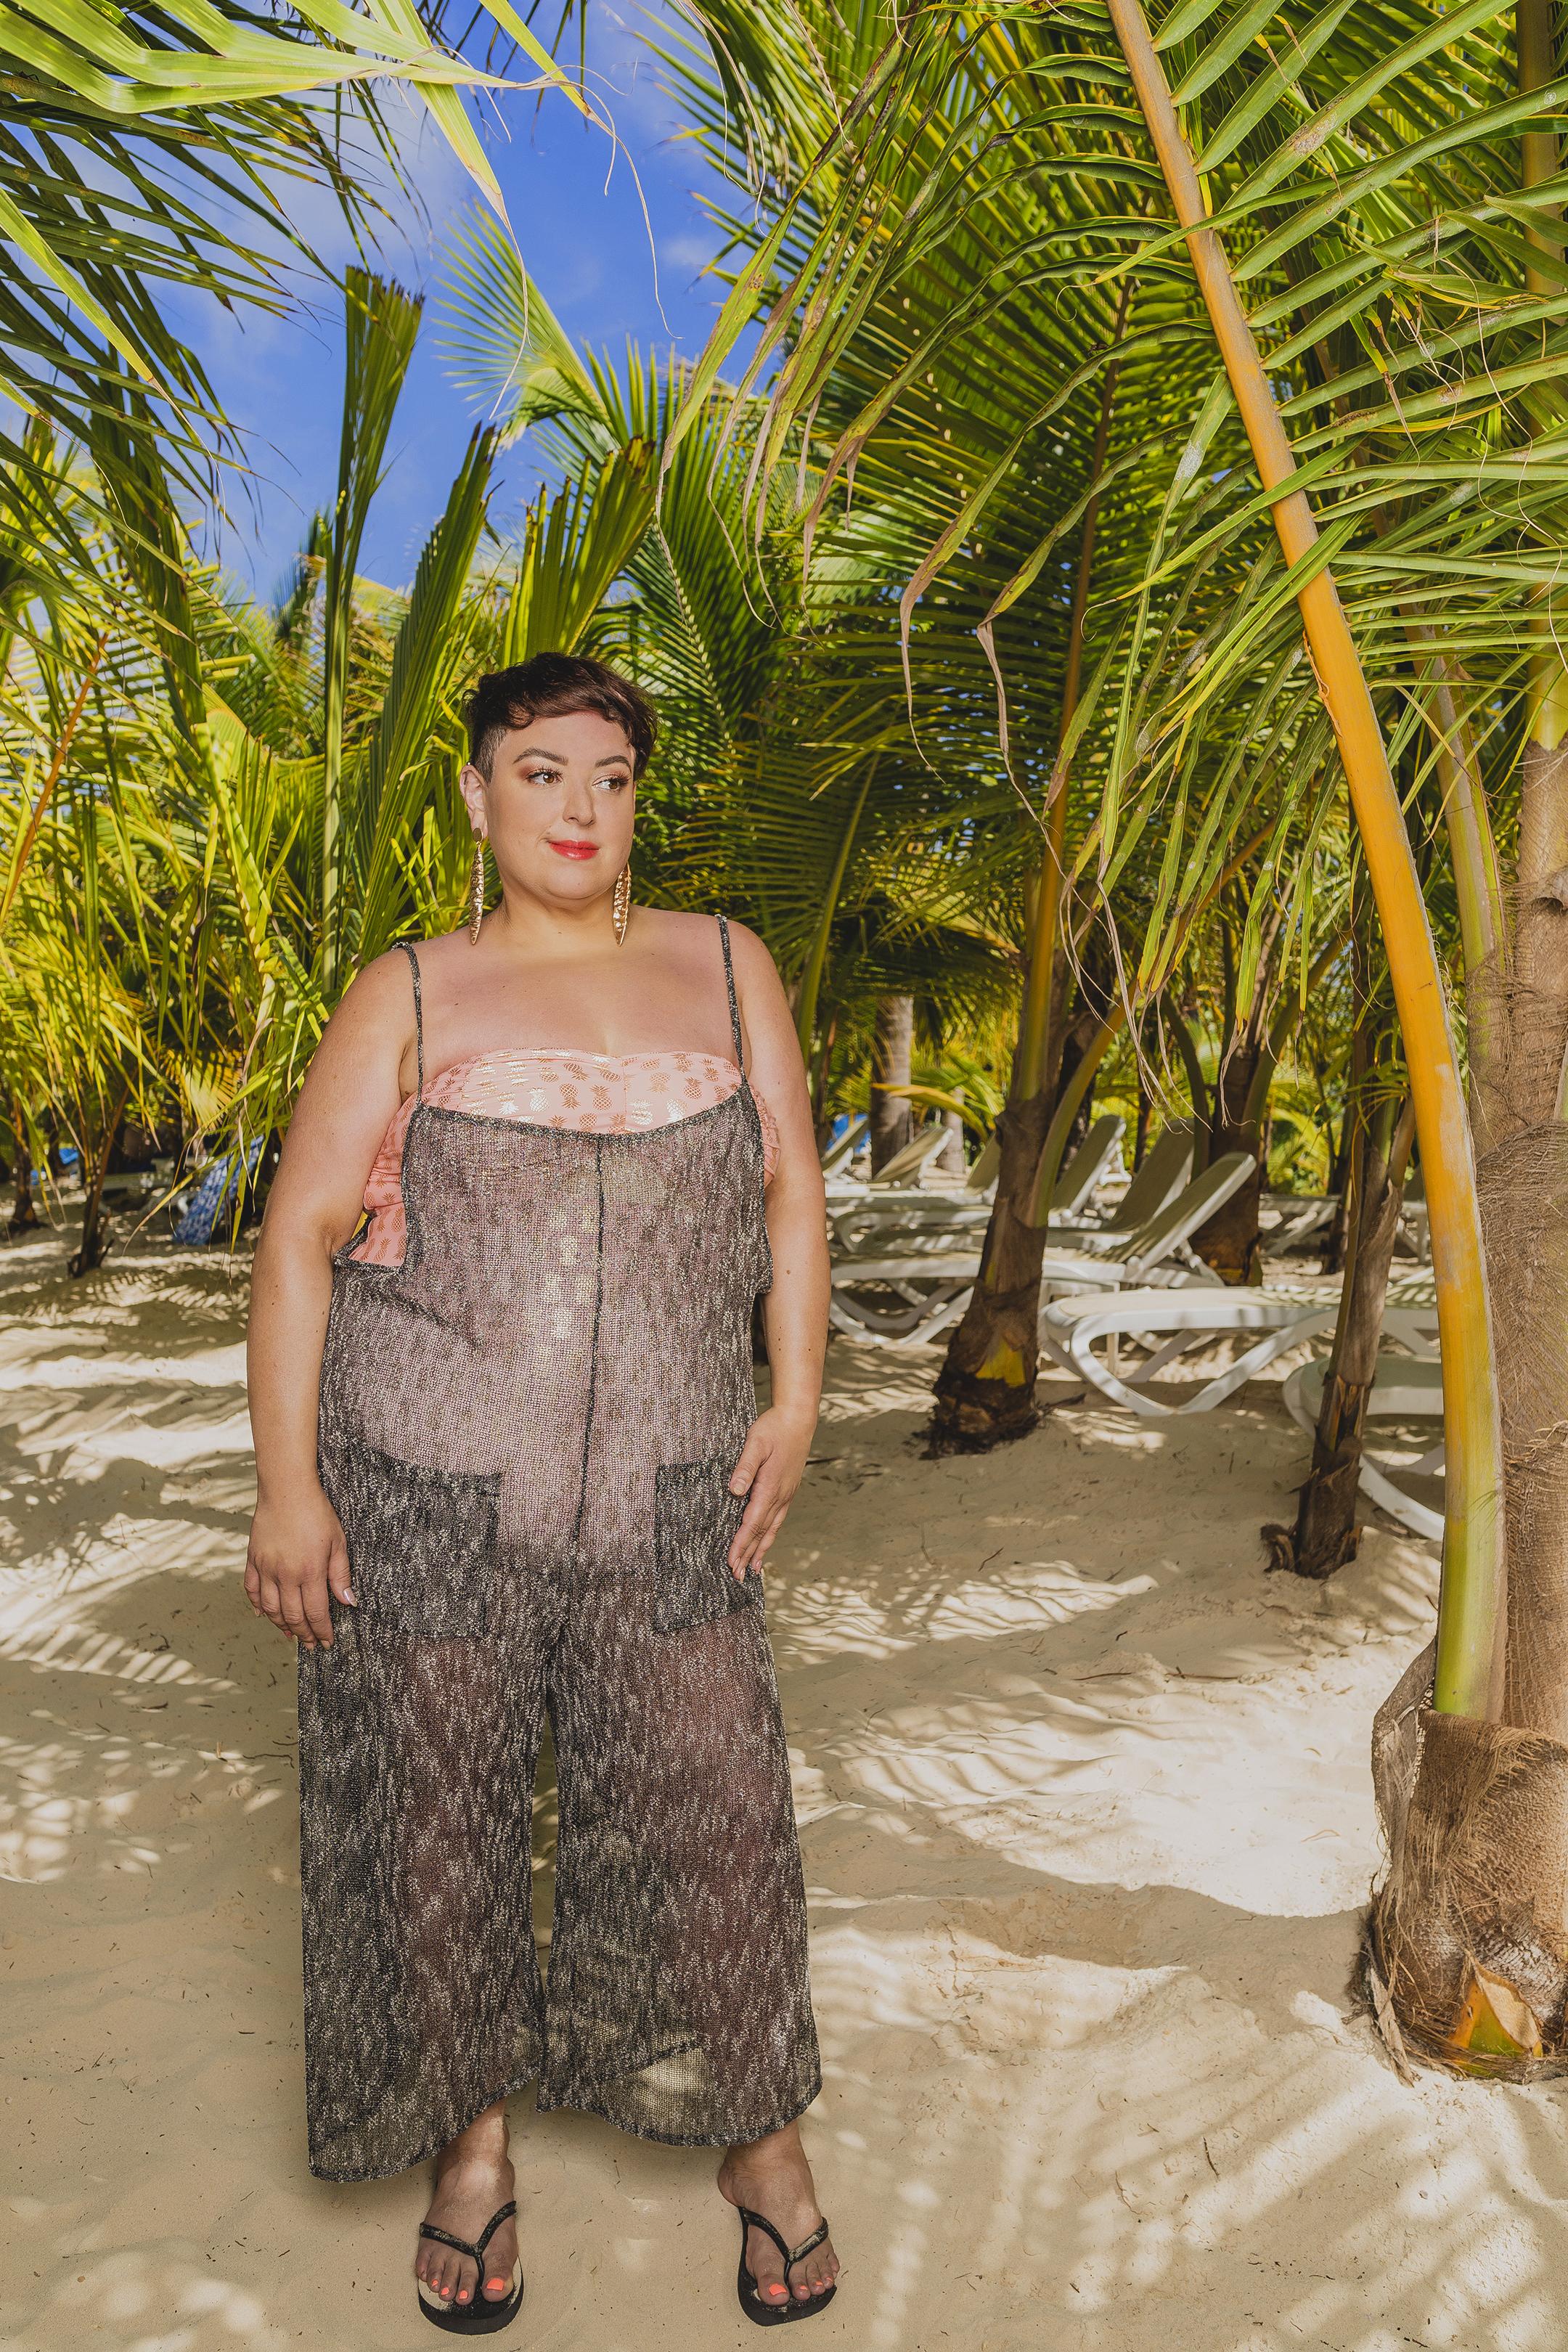 swimsuit coverup - Bathing Belle Swimwear